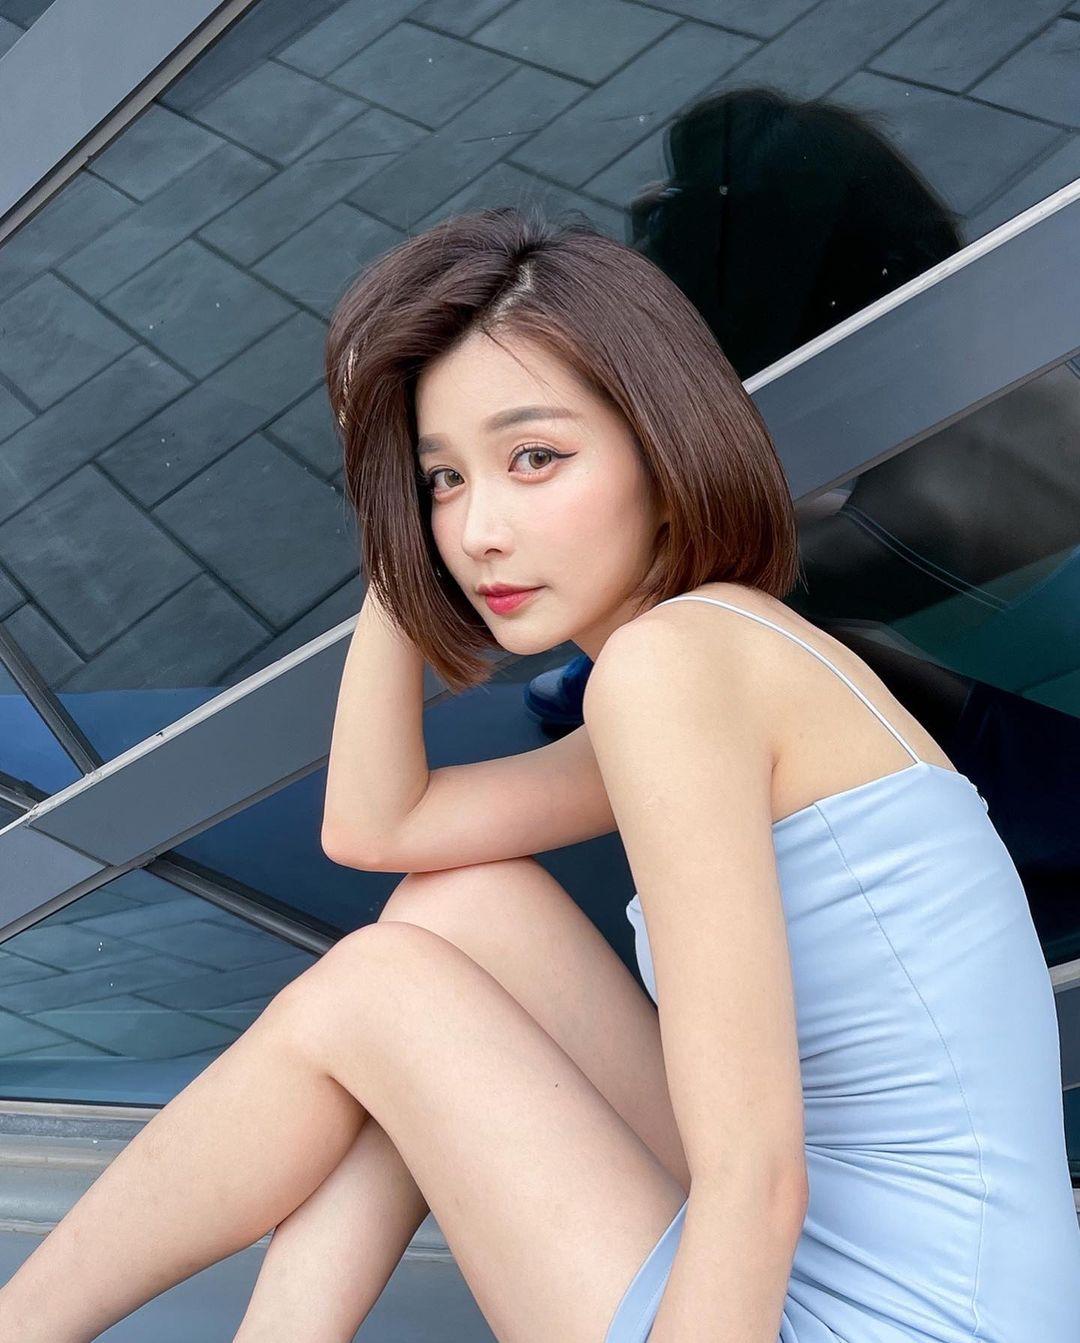 清新短发正妹「彤羽」外拍气质好迷人,甜美脸蛋下身材看点啊!